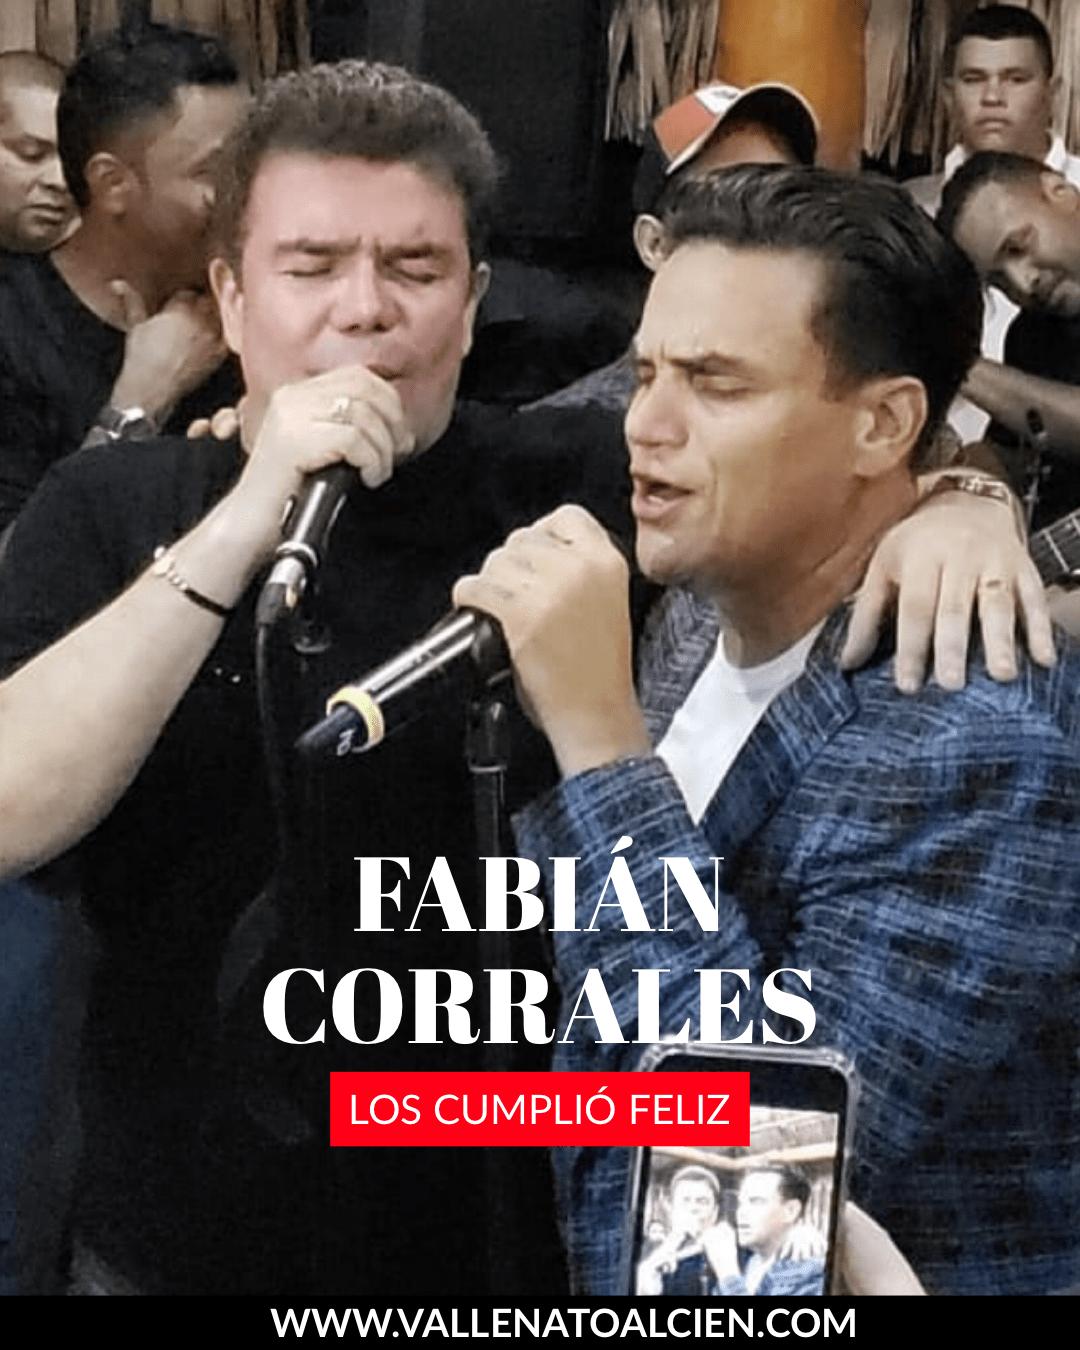 Fabián Corrales cumplio 50 años